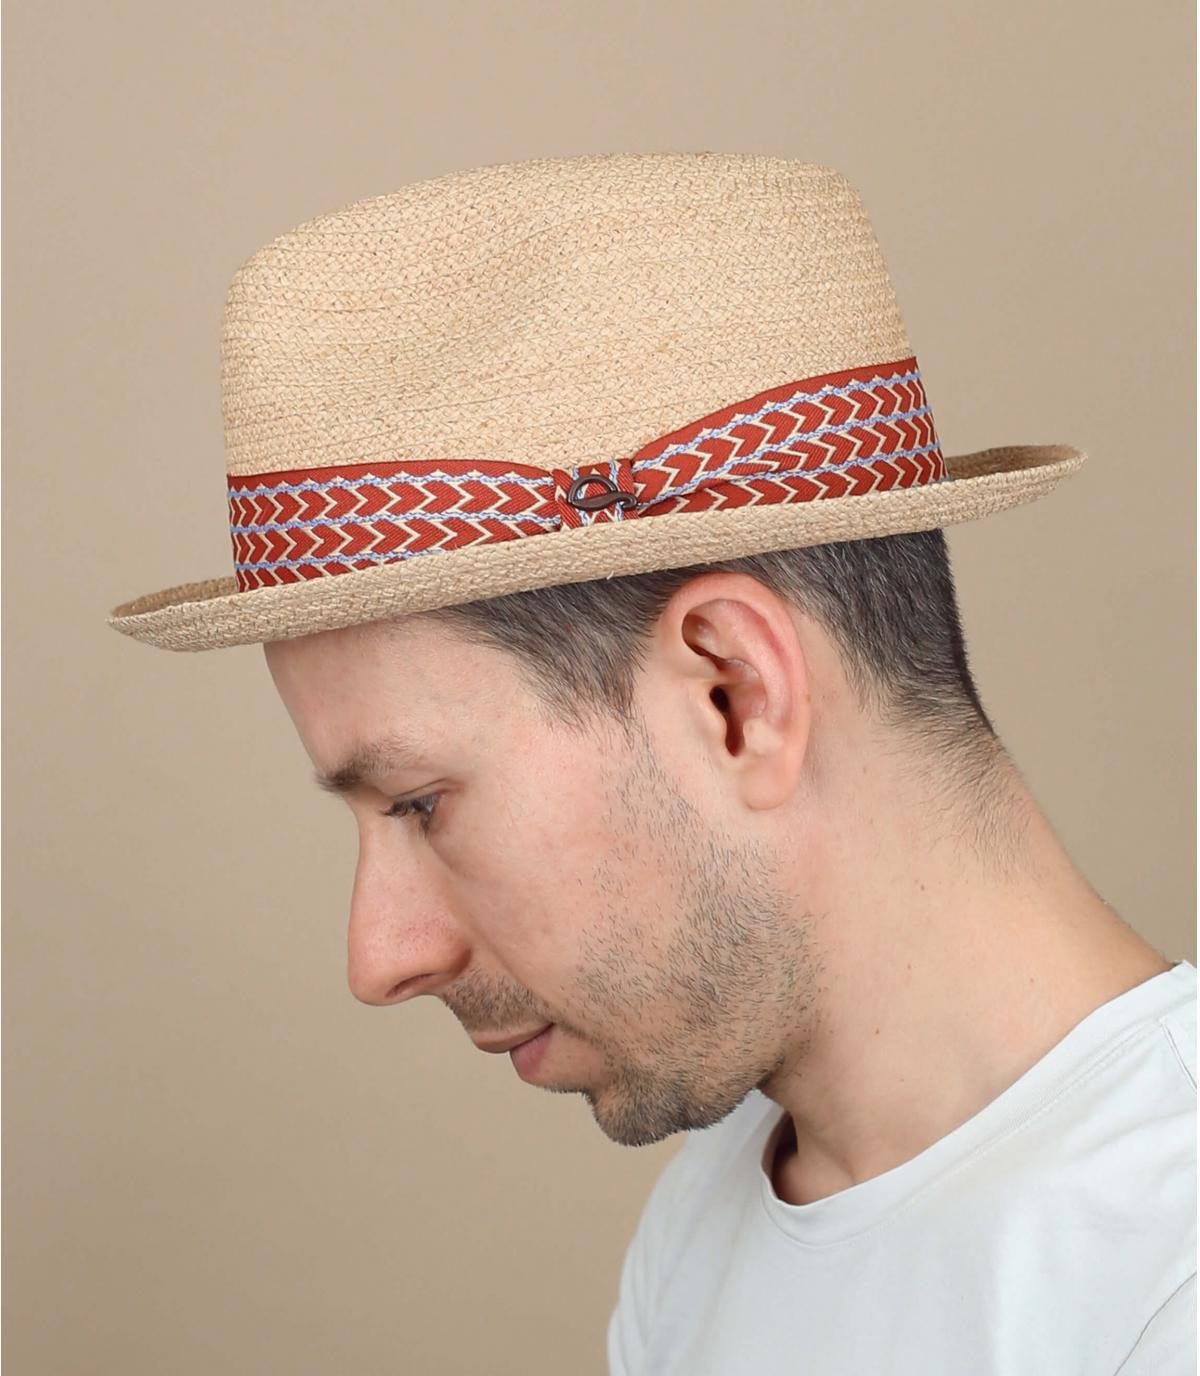 cappello paglia nastro a spina di pesce